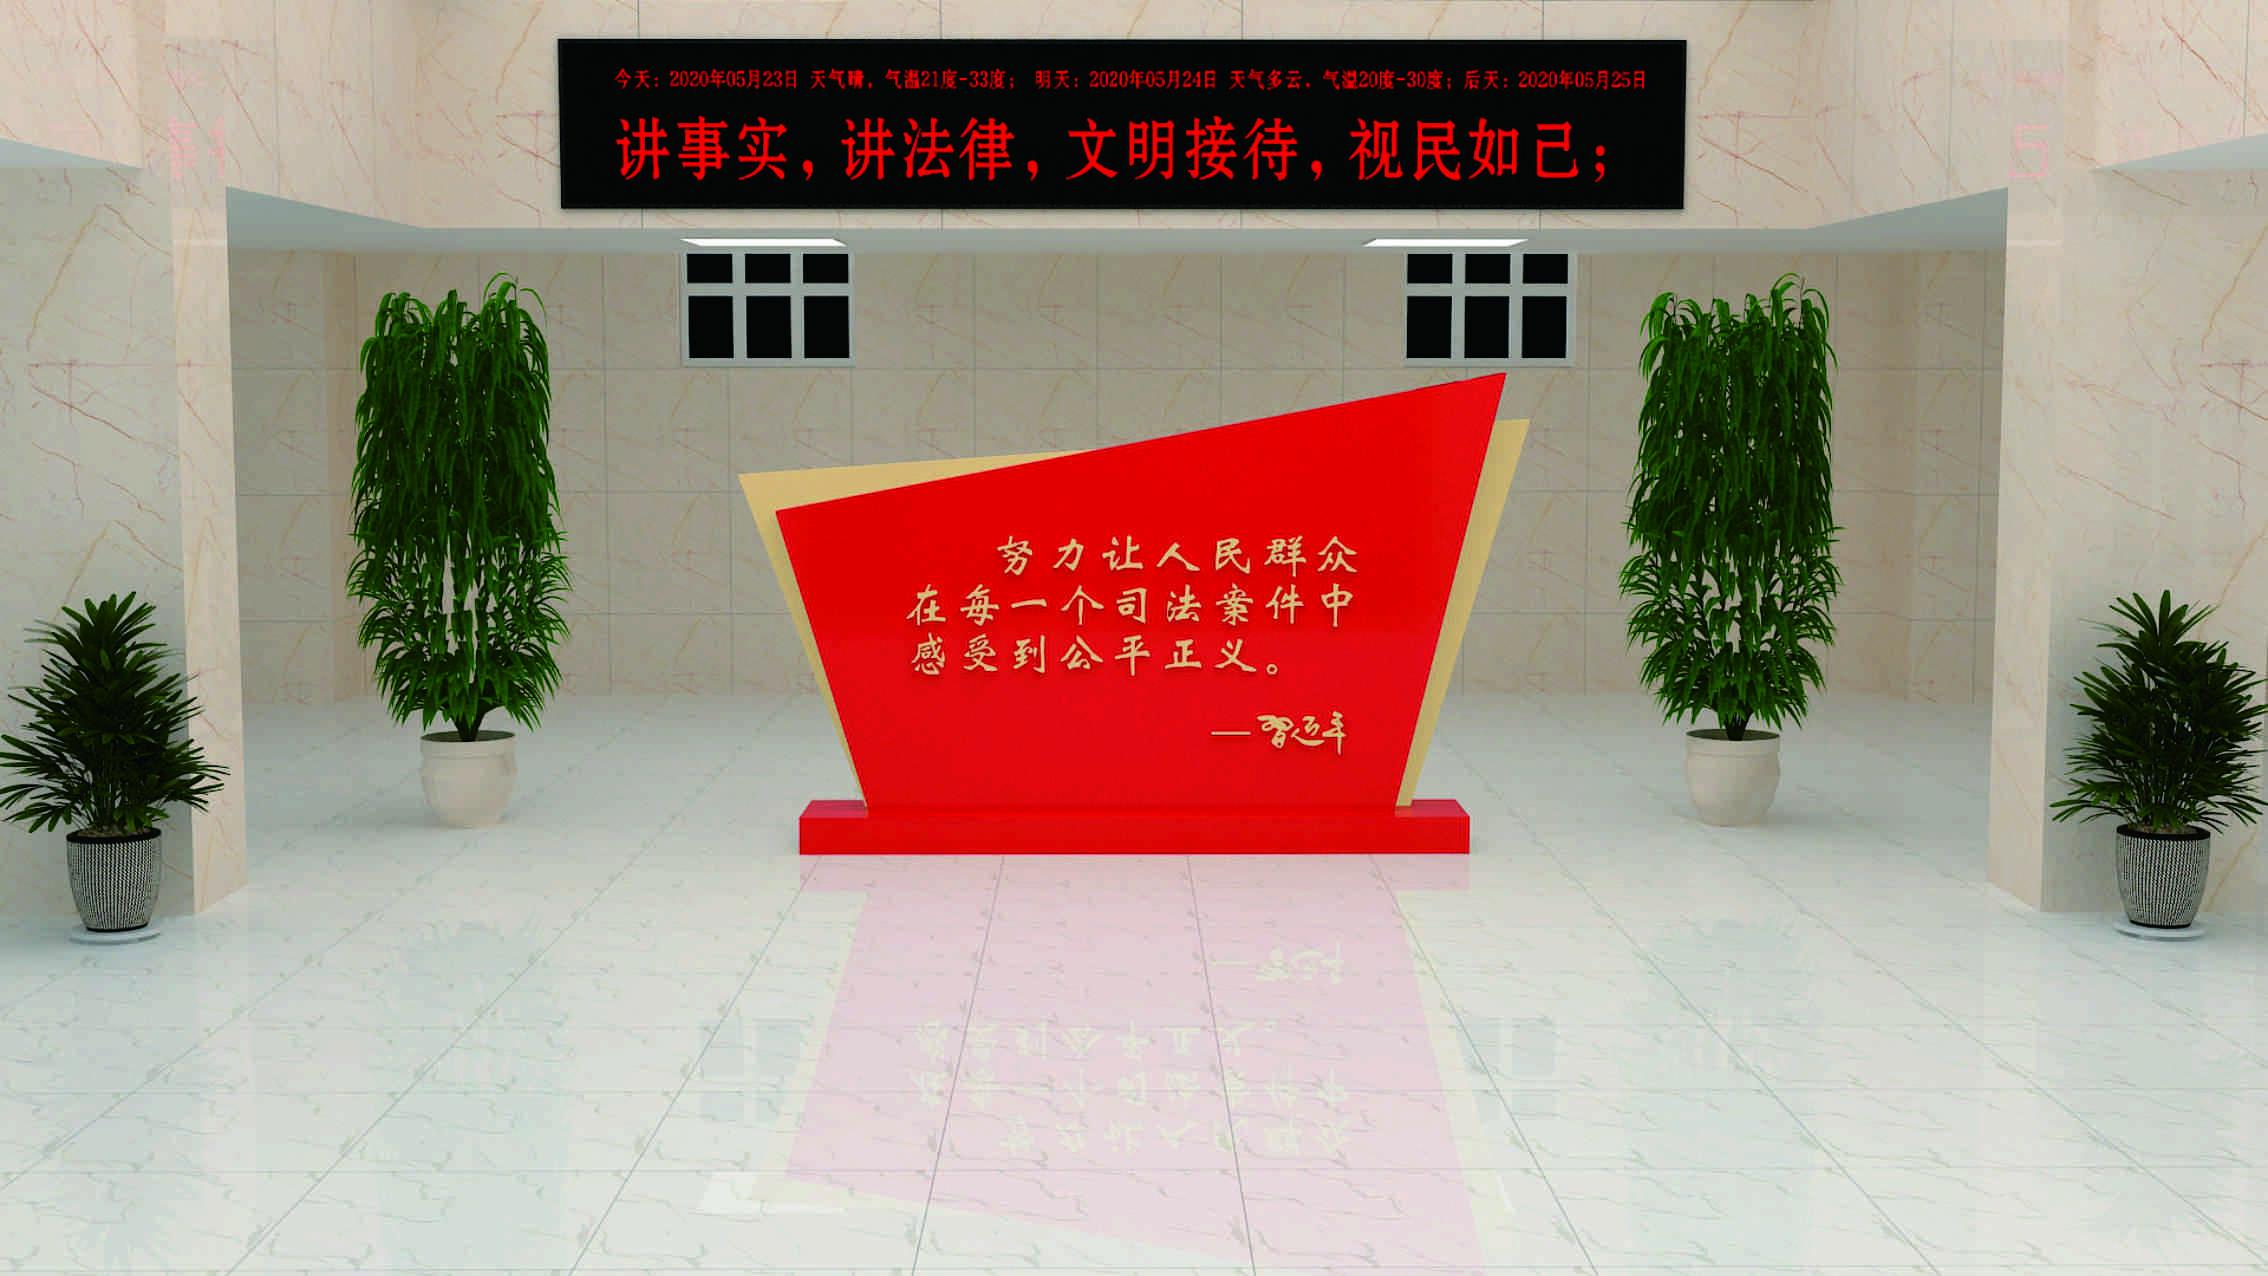 扶风法院党建文化墙